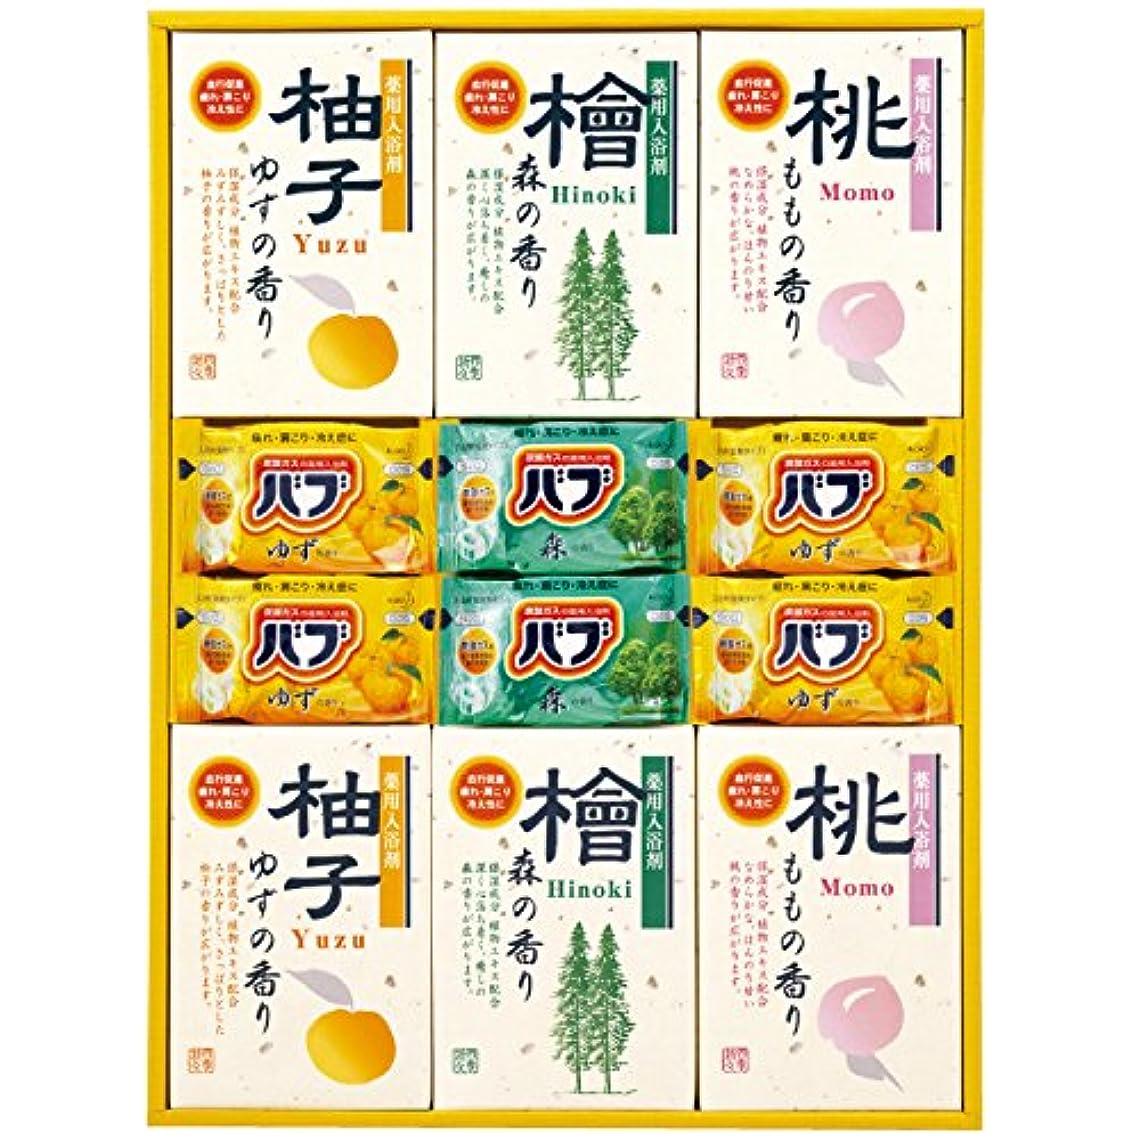 お祝い手配する立派な四季折々 薬用入浴剤セット SB-30 7163-050